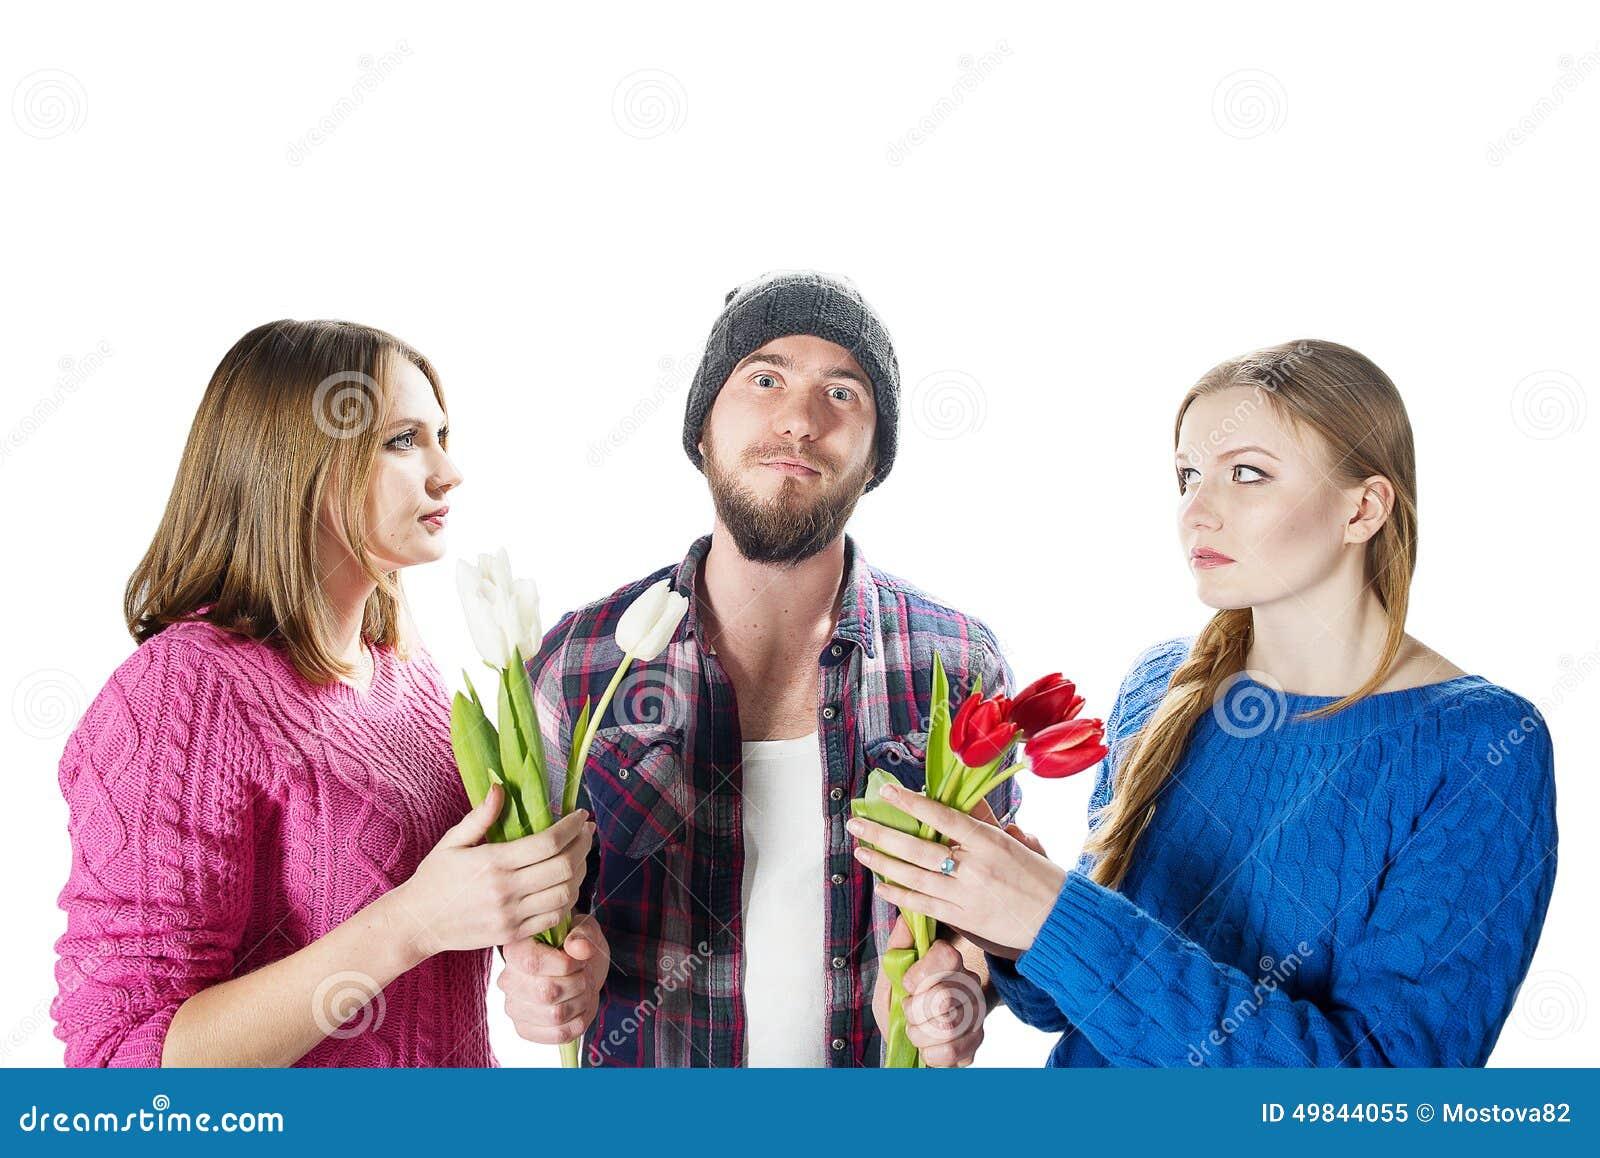 Фото двое мужчин и одна девушка